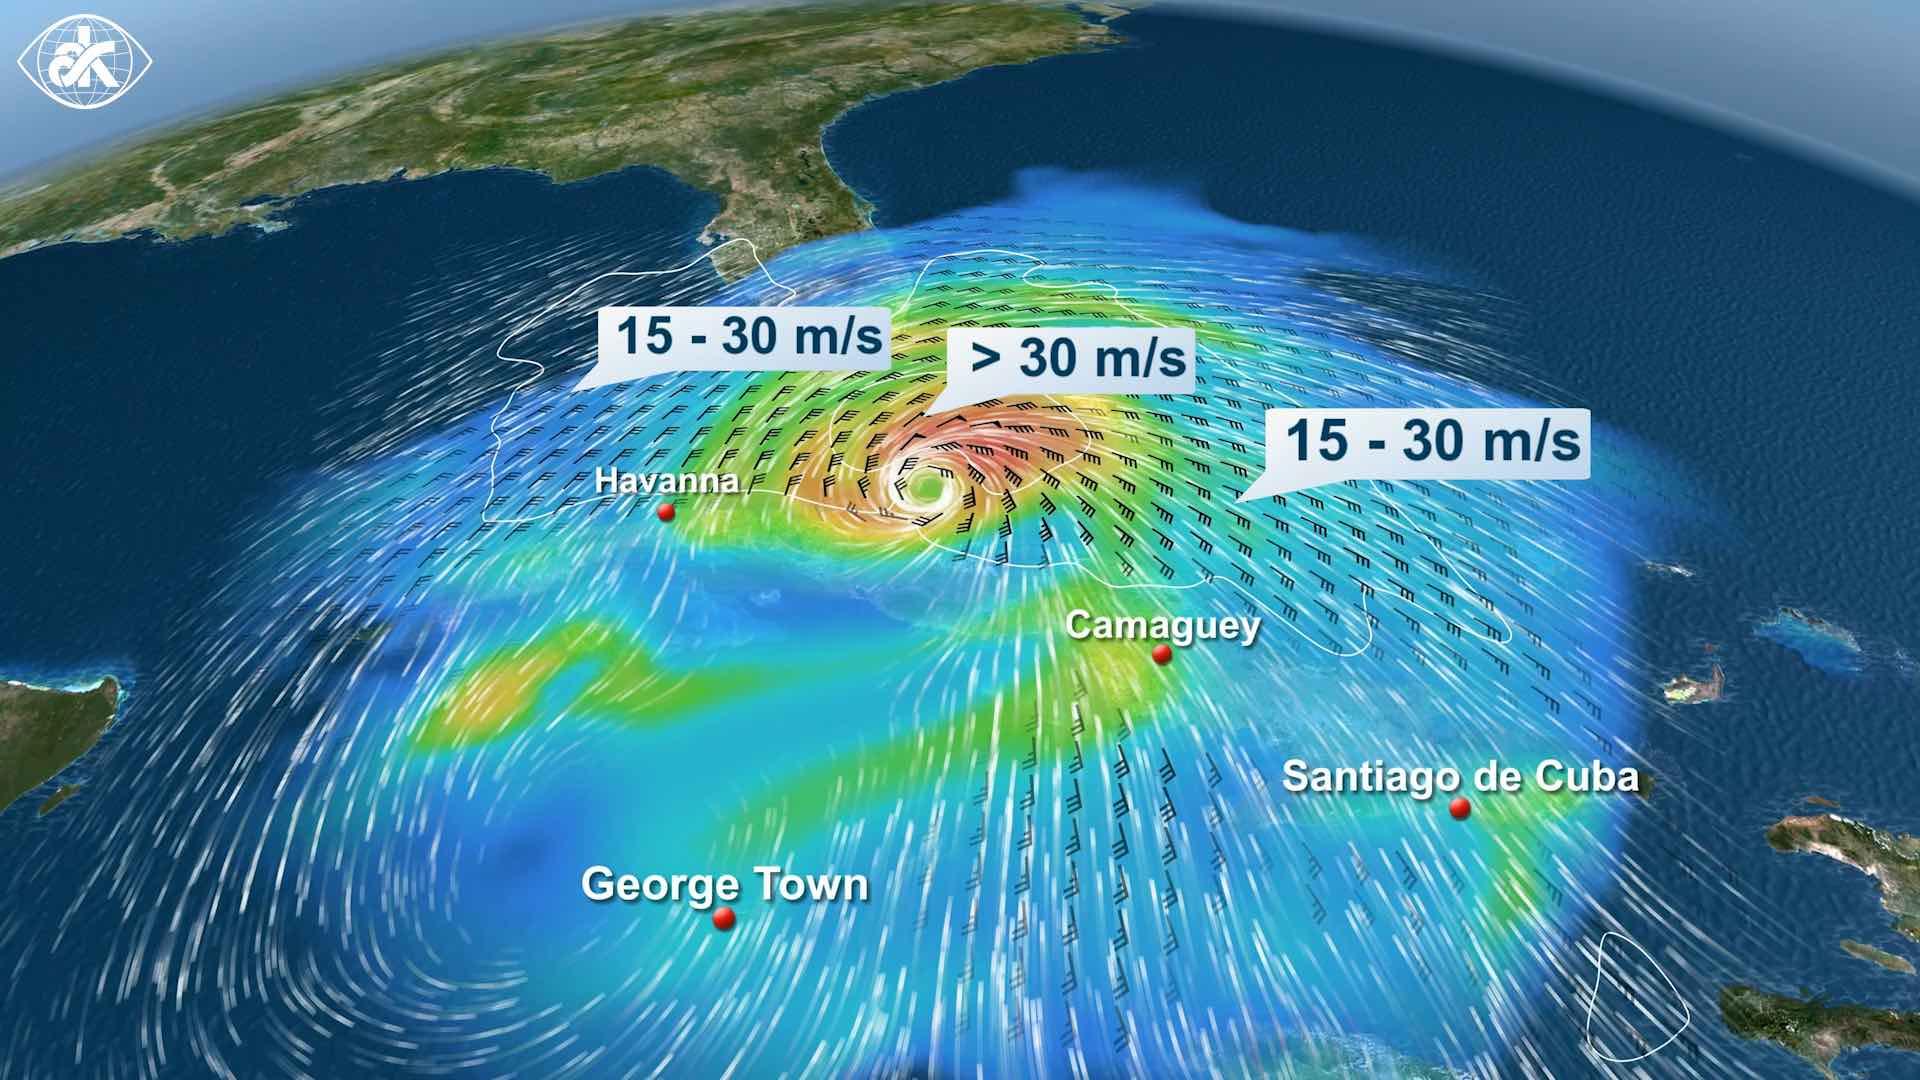 eine Wetterkarte von Kuba die verschiedene Wettersymbole zeigt